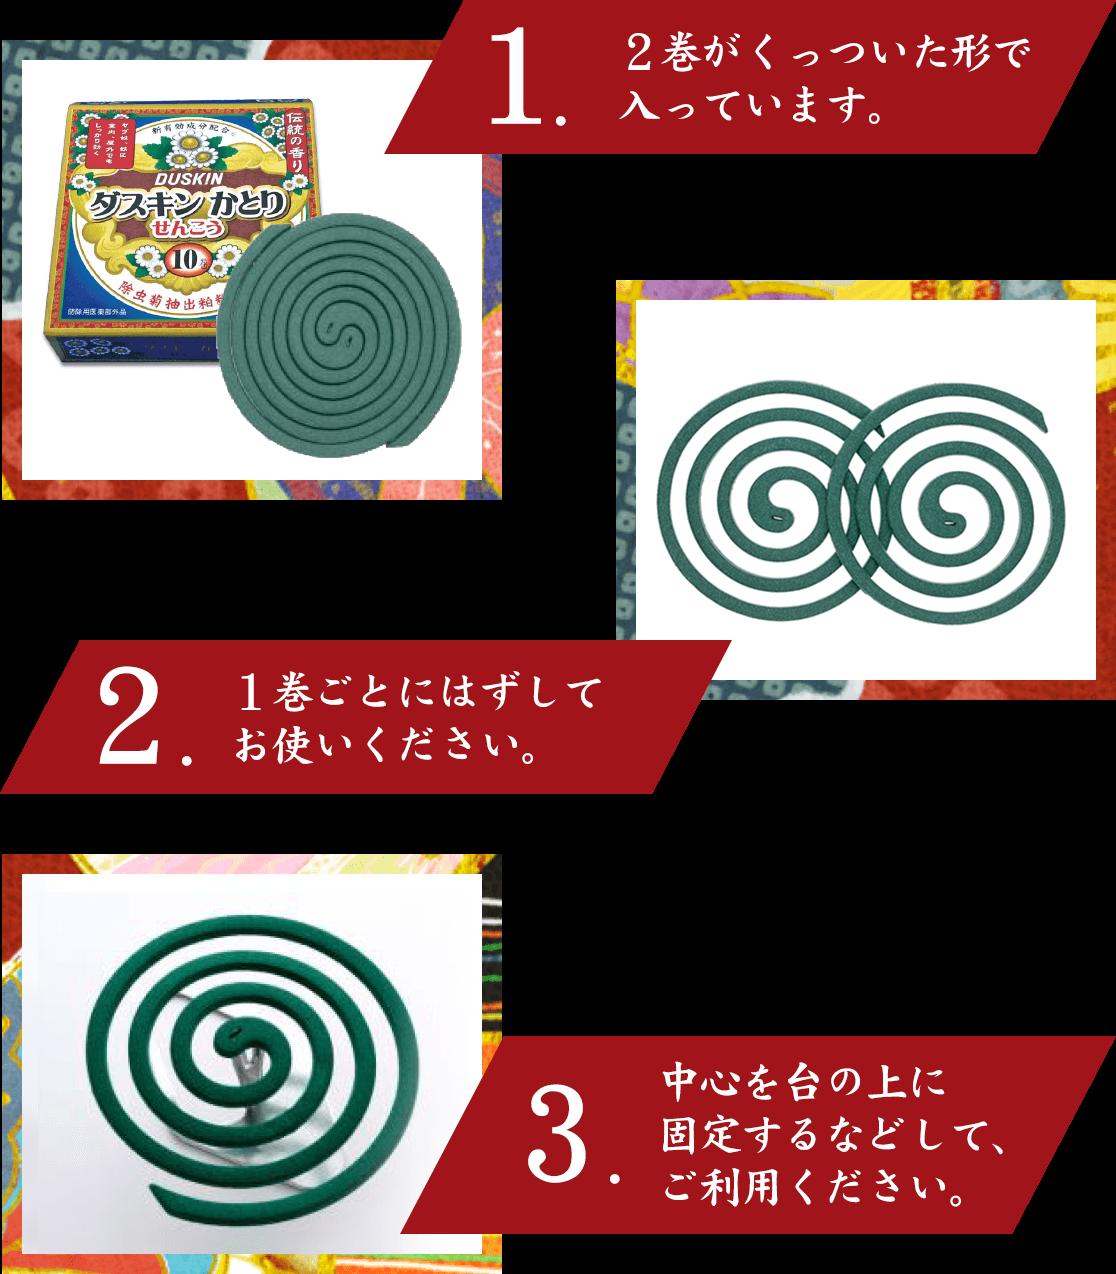 1,2巻がくっついた形で入っています。2,1巻ごとにはずしてお使いください。3,中心を台の上に固定するなどして、ご利用ください。